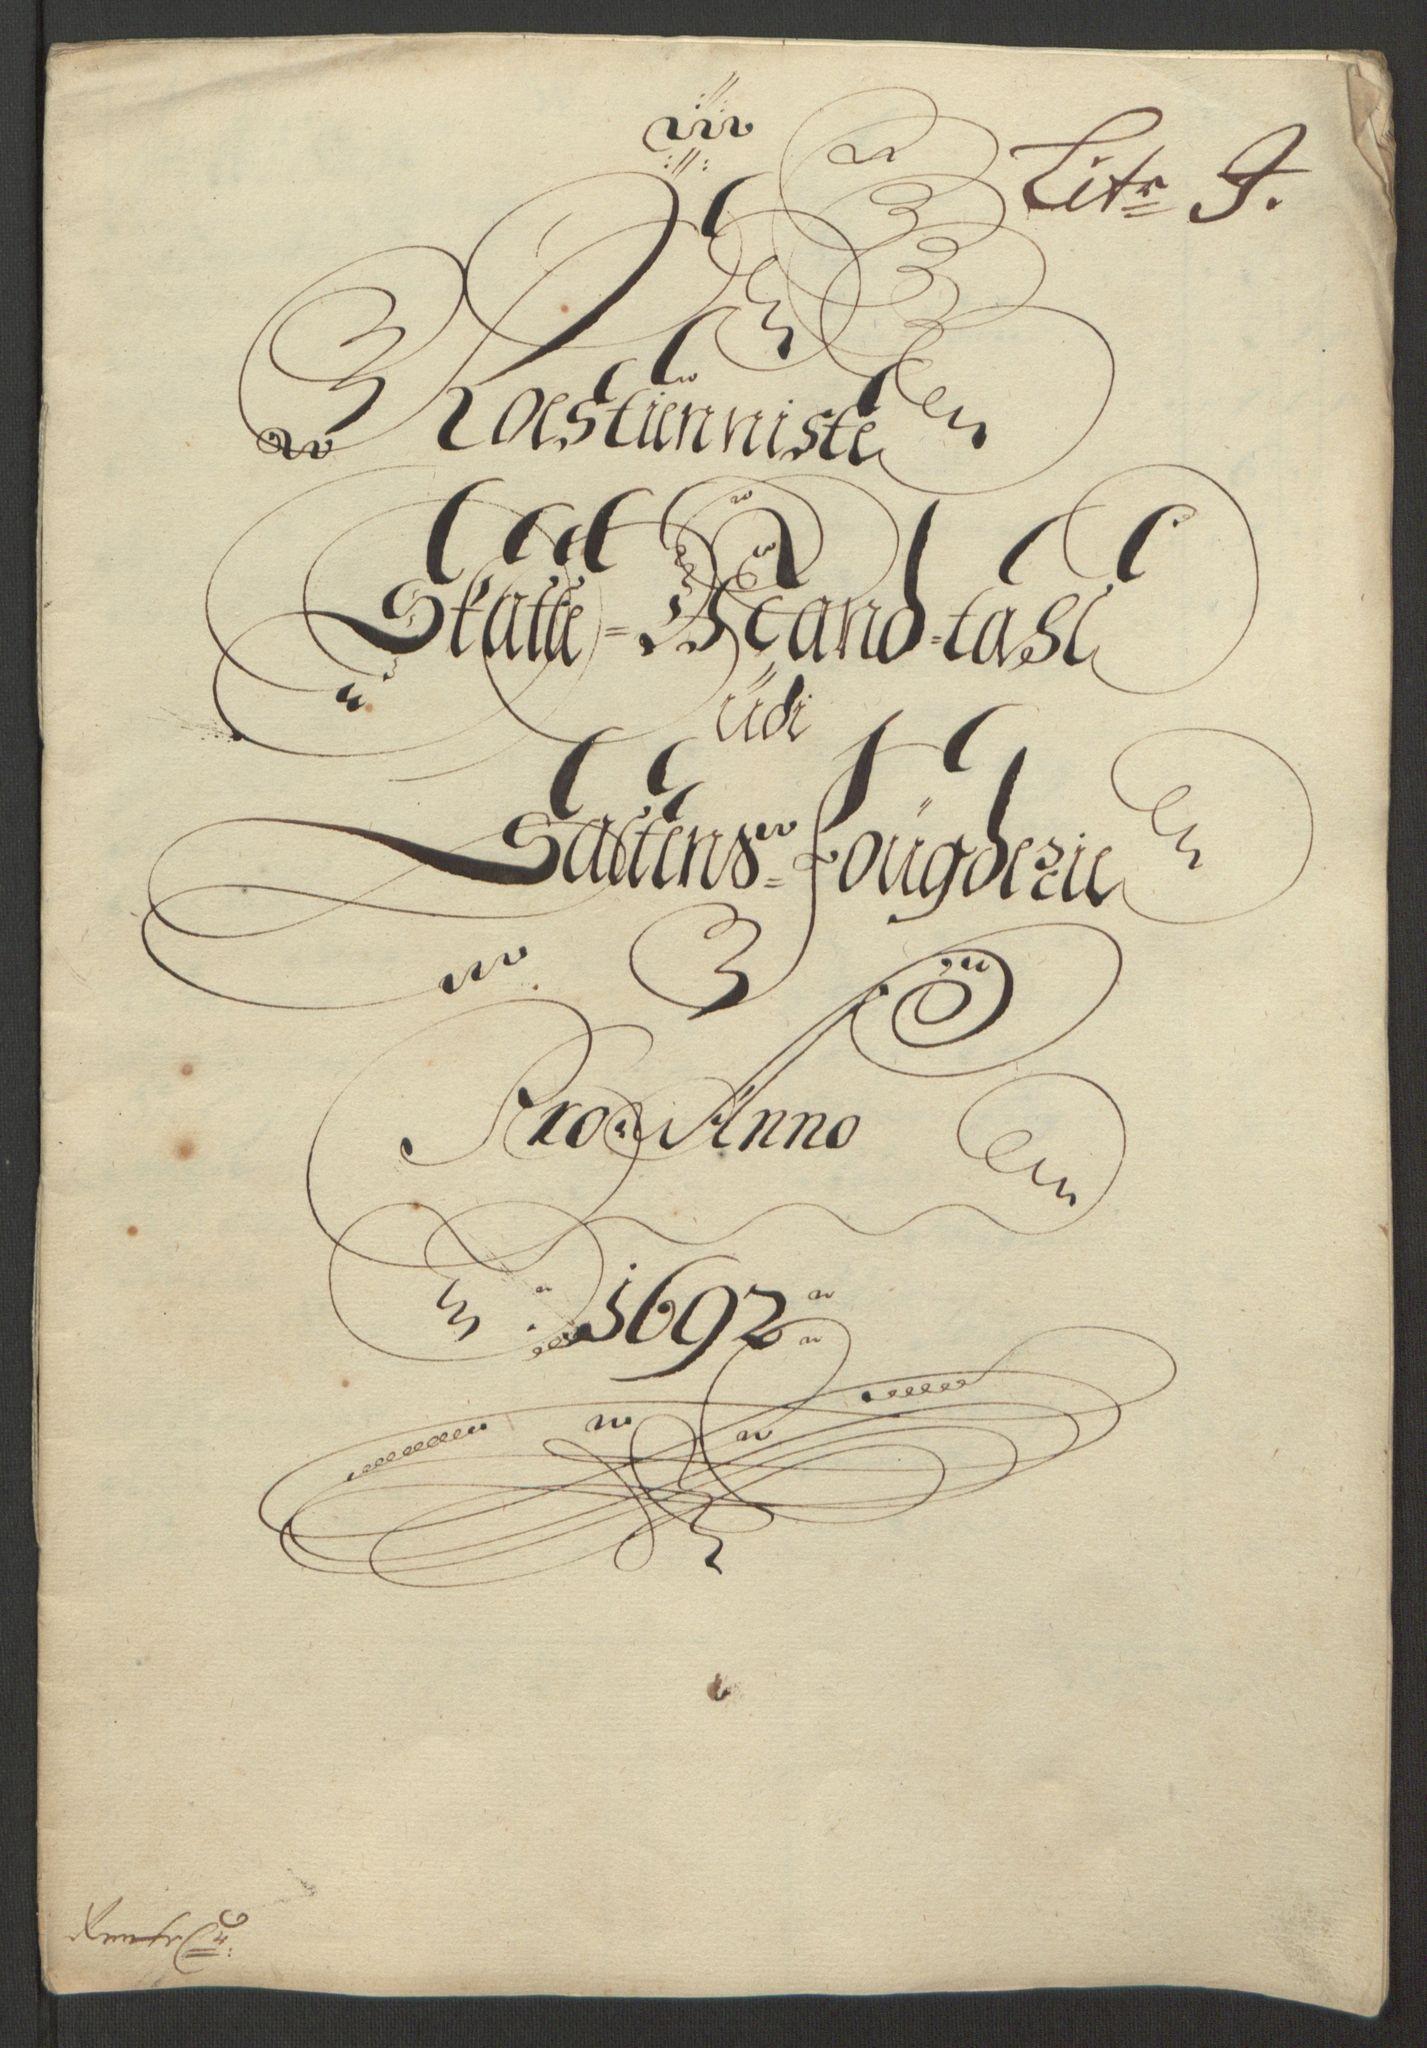 RA, Rentekammeret inntil 1814, Reviderte regnskaper, Fogderegnskap, R66/L4577: Fogderegnskap Salten, 1691-1693, s. 224